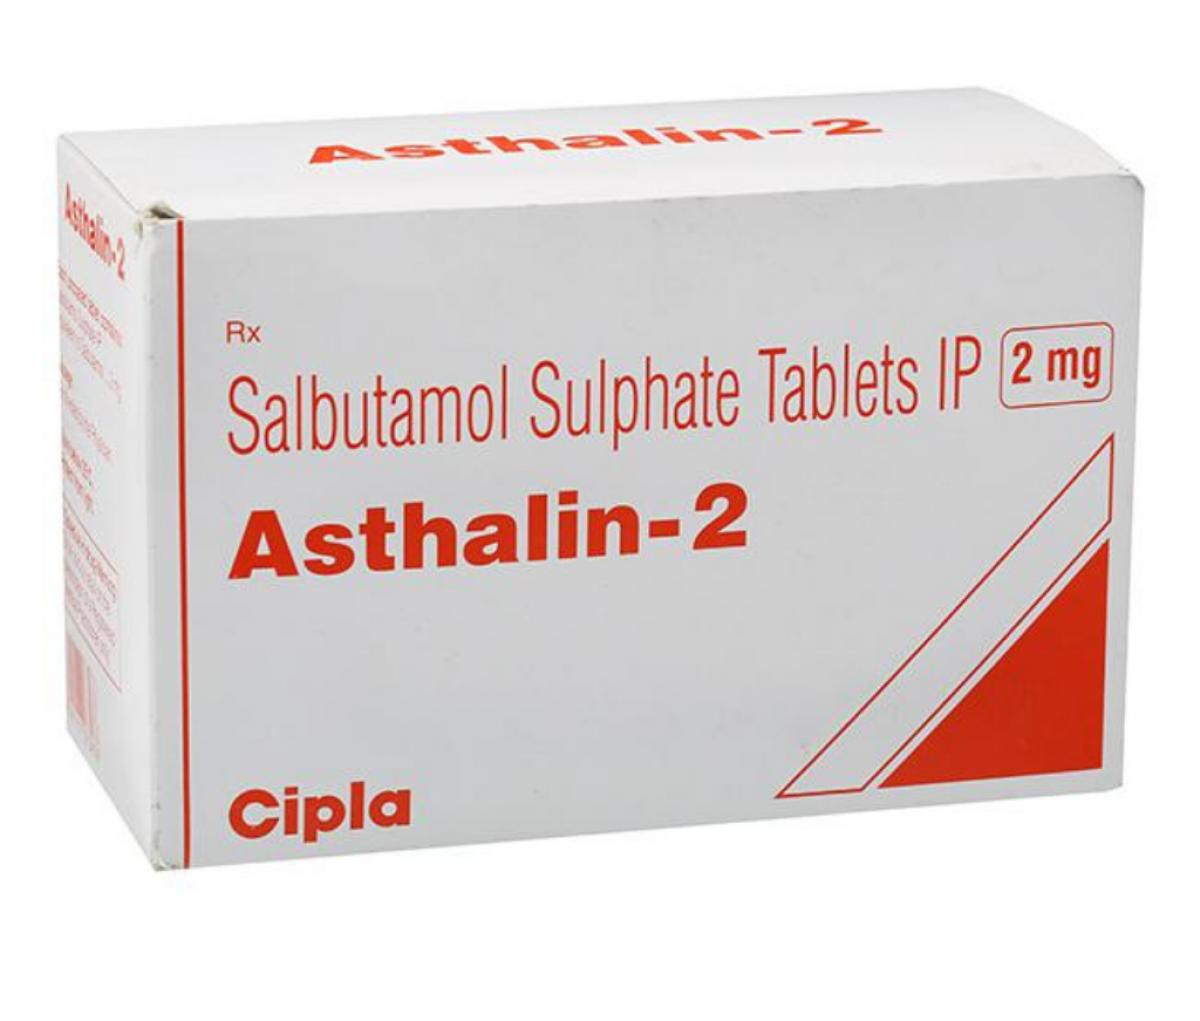 Asthalin 2mg Tablet